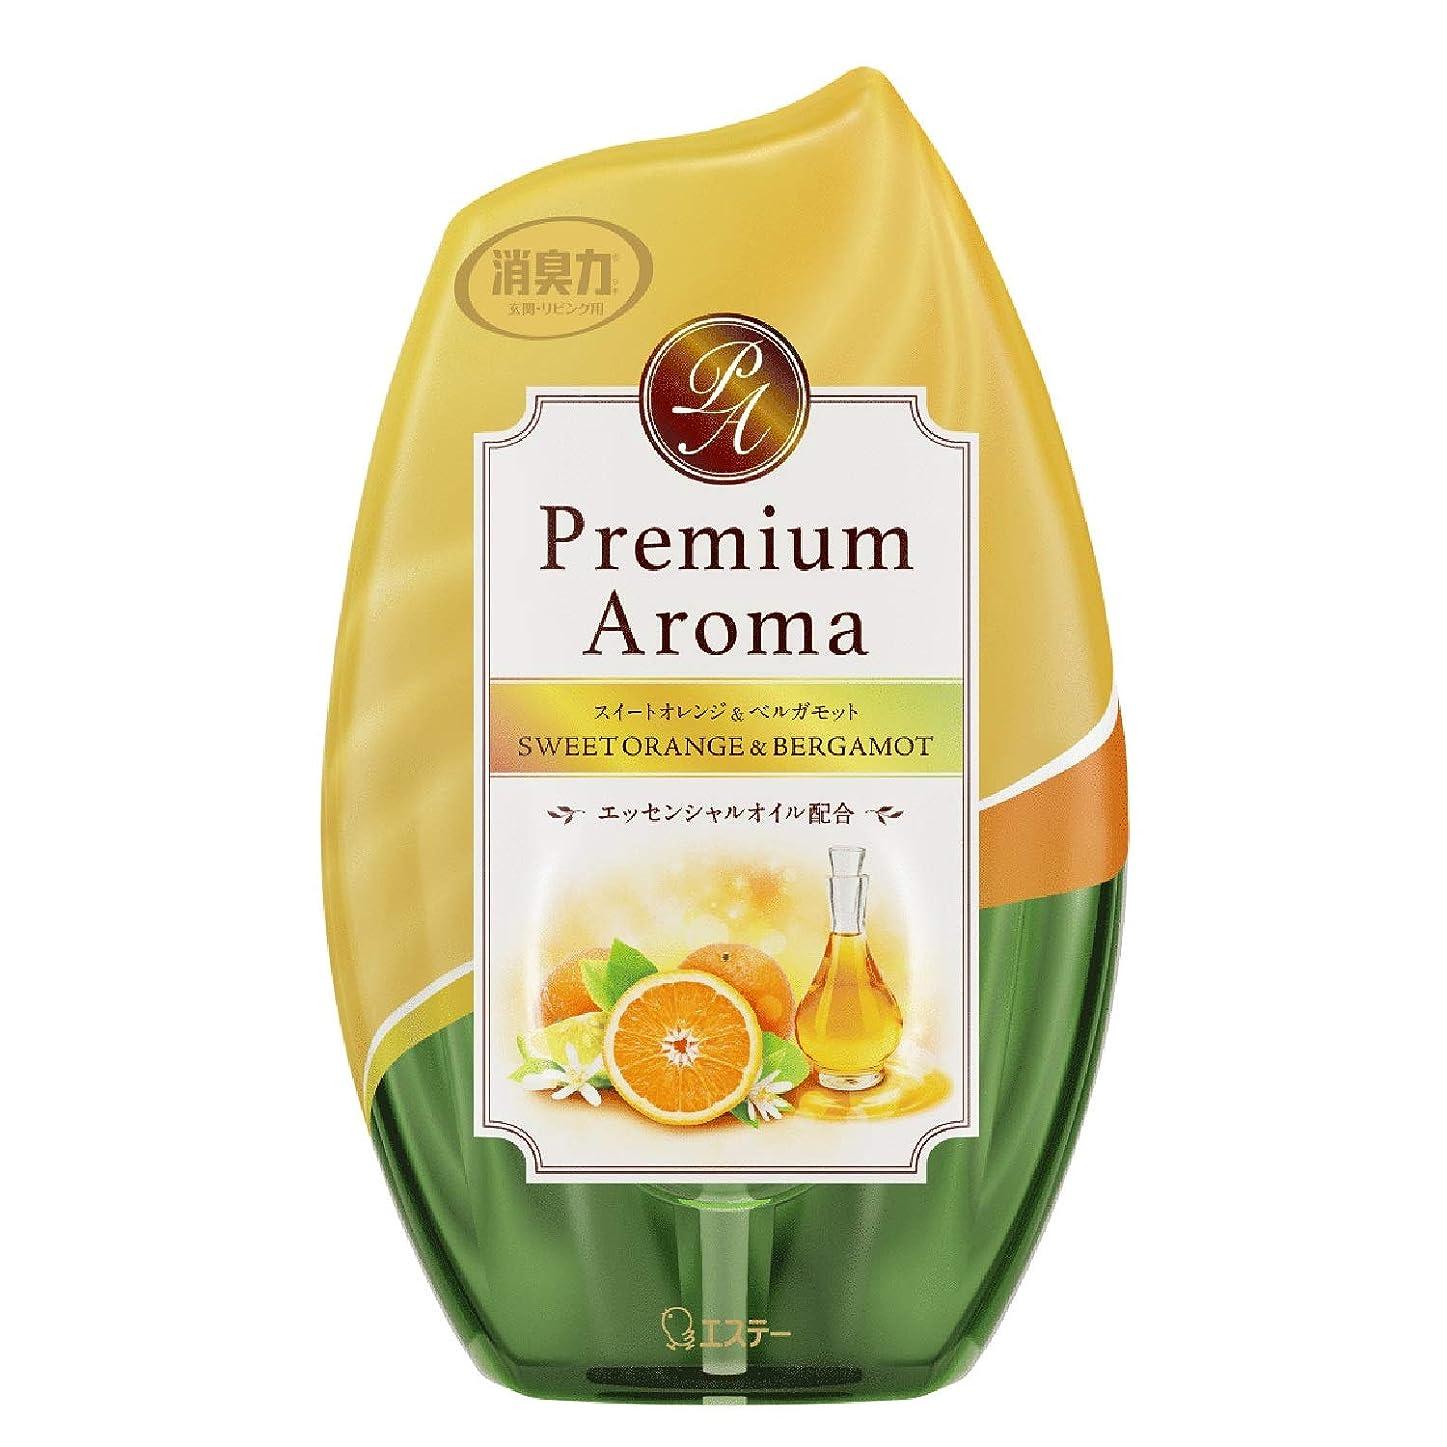 去るコスチューム華氏お部屋の消臭力 プレミアムアロマ Premium Aroma 消臭芳香剤 部屋用 部屋 スイートオレンジ&ベルガモットの香り 400ml